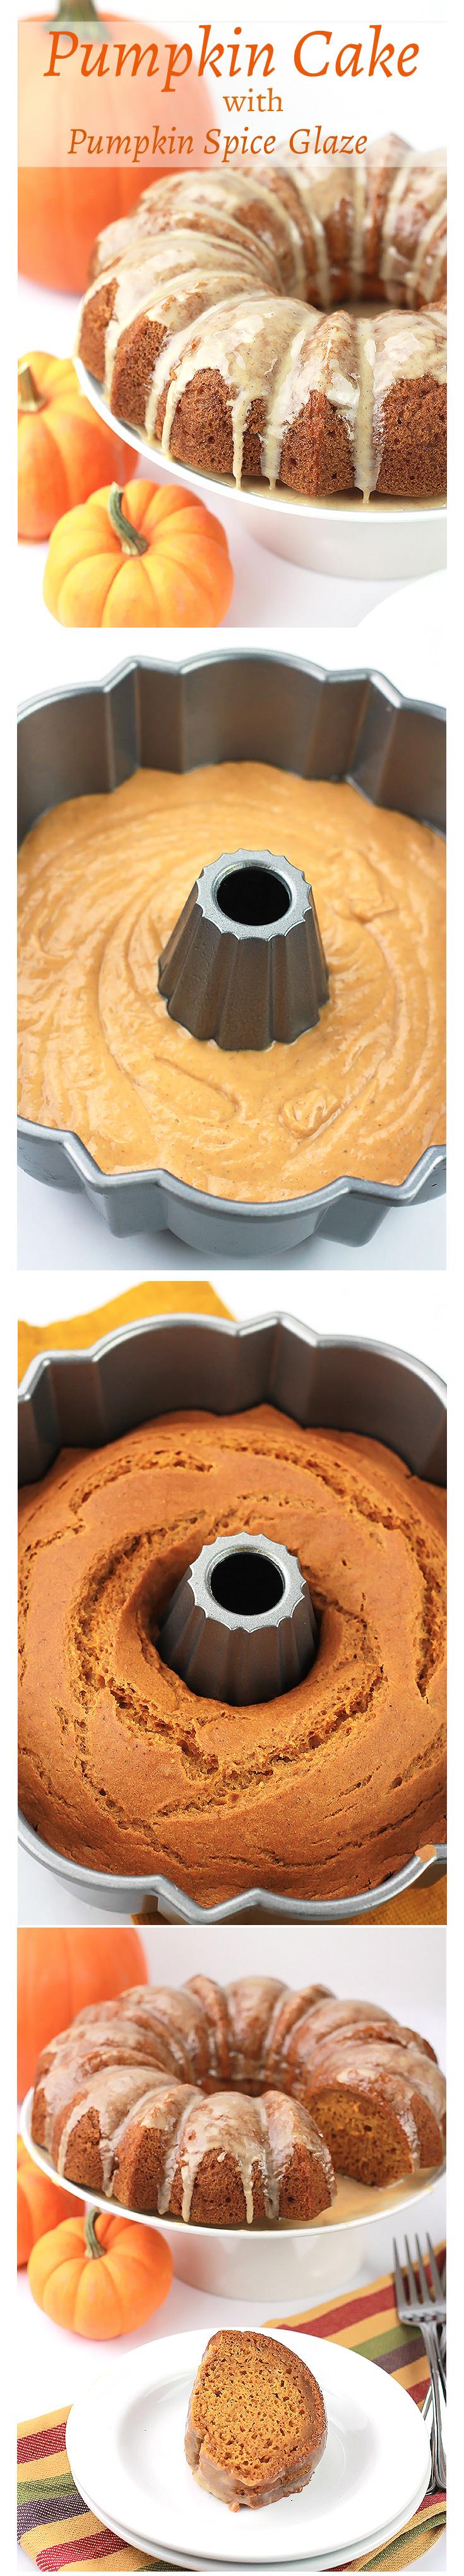 Pumpkin-Cake-Long-Pin